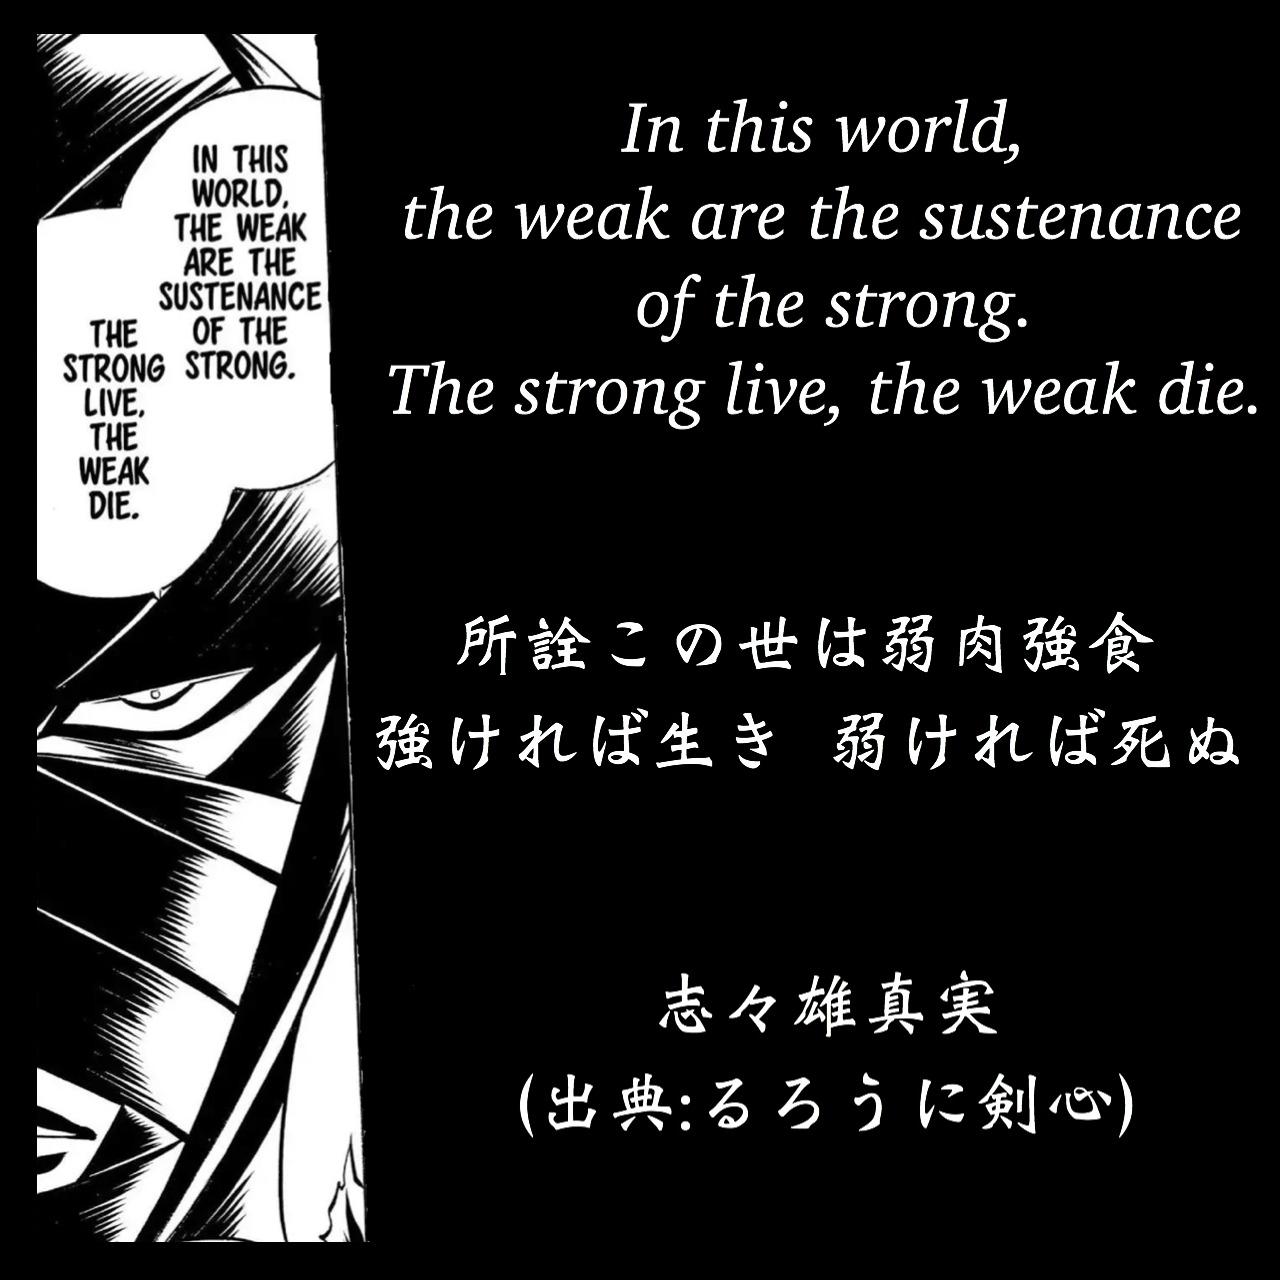 所詮この世は弱肉強食 強ければ生き 弱ければ死ぬ / 志々雄真実(出典:るろうに剣心)